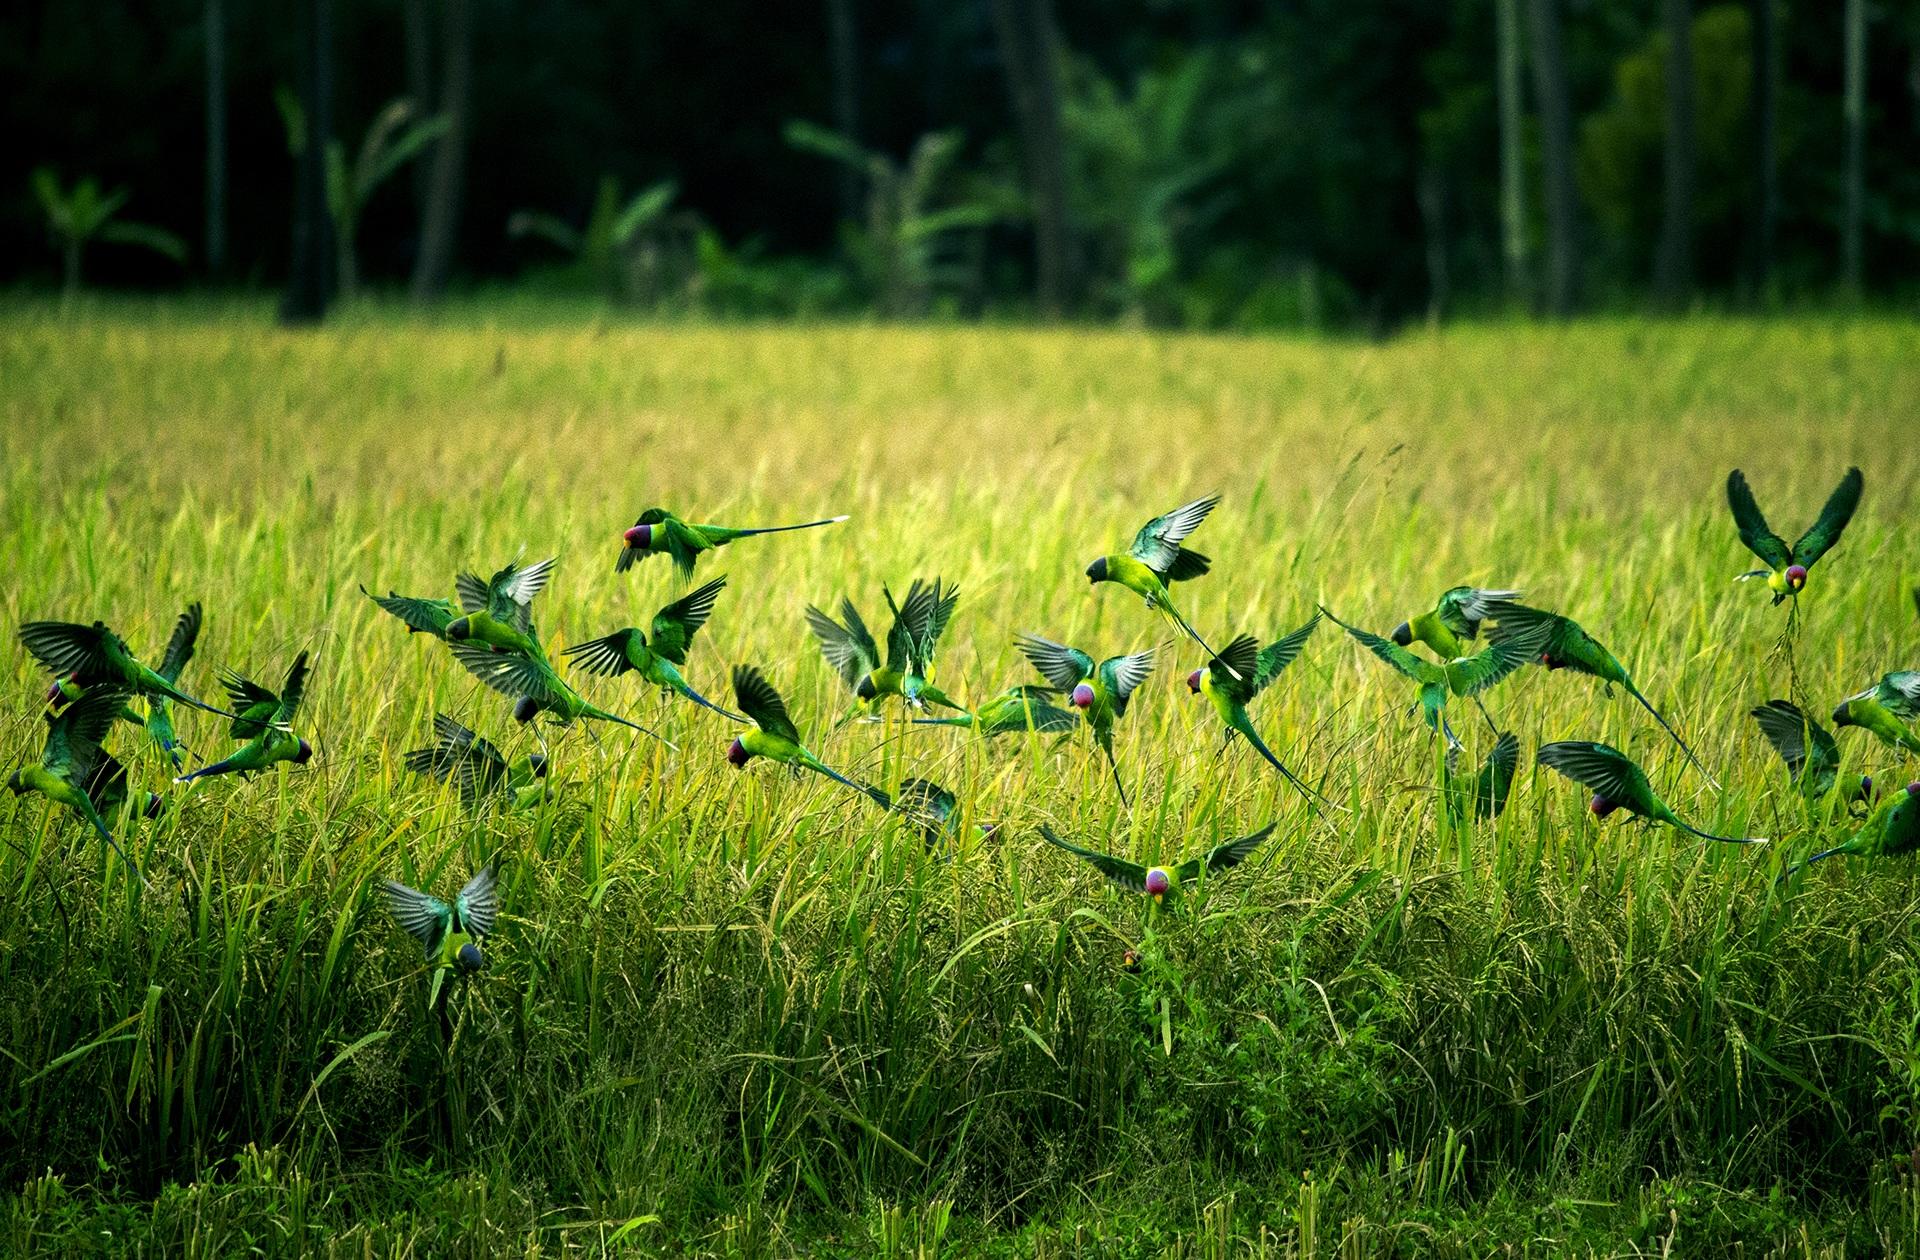 птицы лесов и полей все больше сближаются с людьми